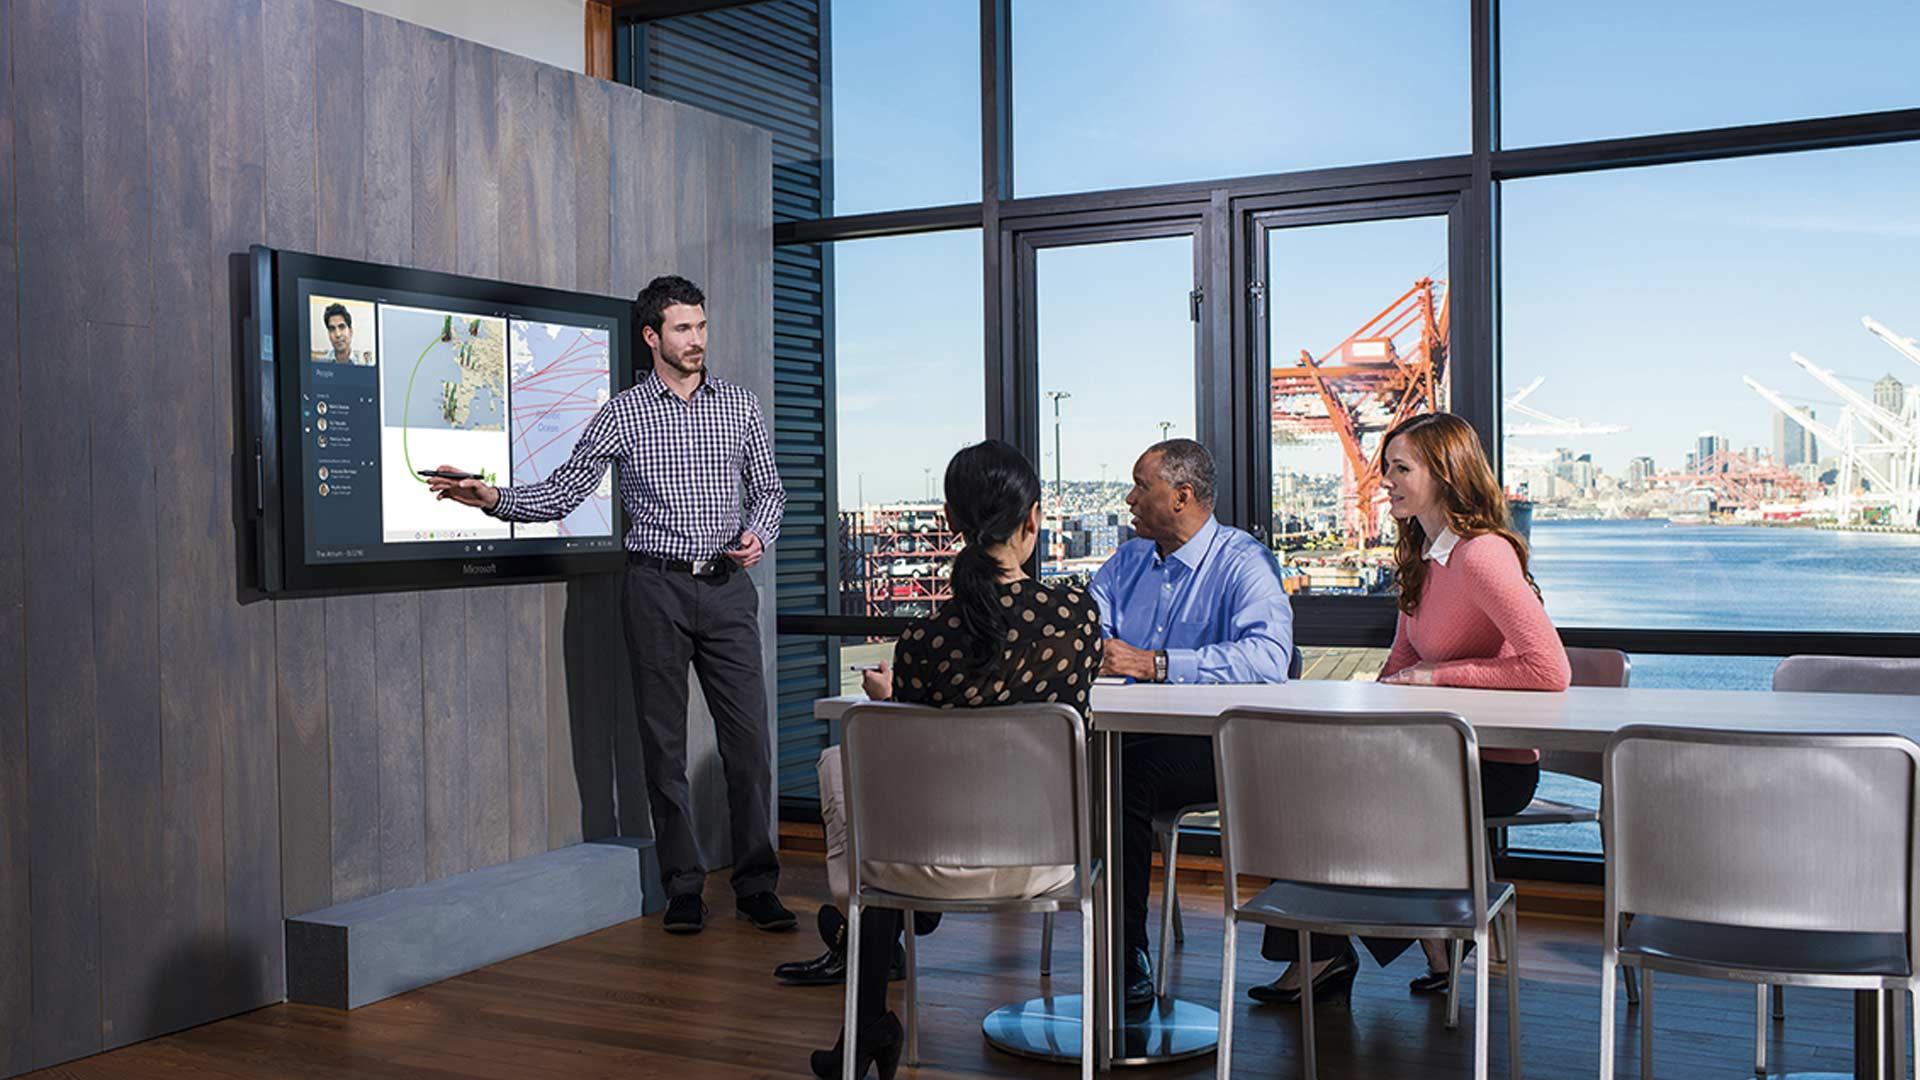 Microsoft présente une nouvelle vidéo de sa tablette géante, la Surface Hub